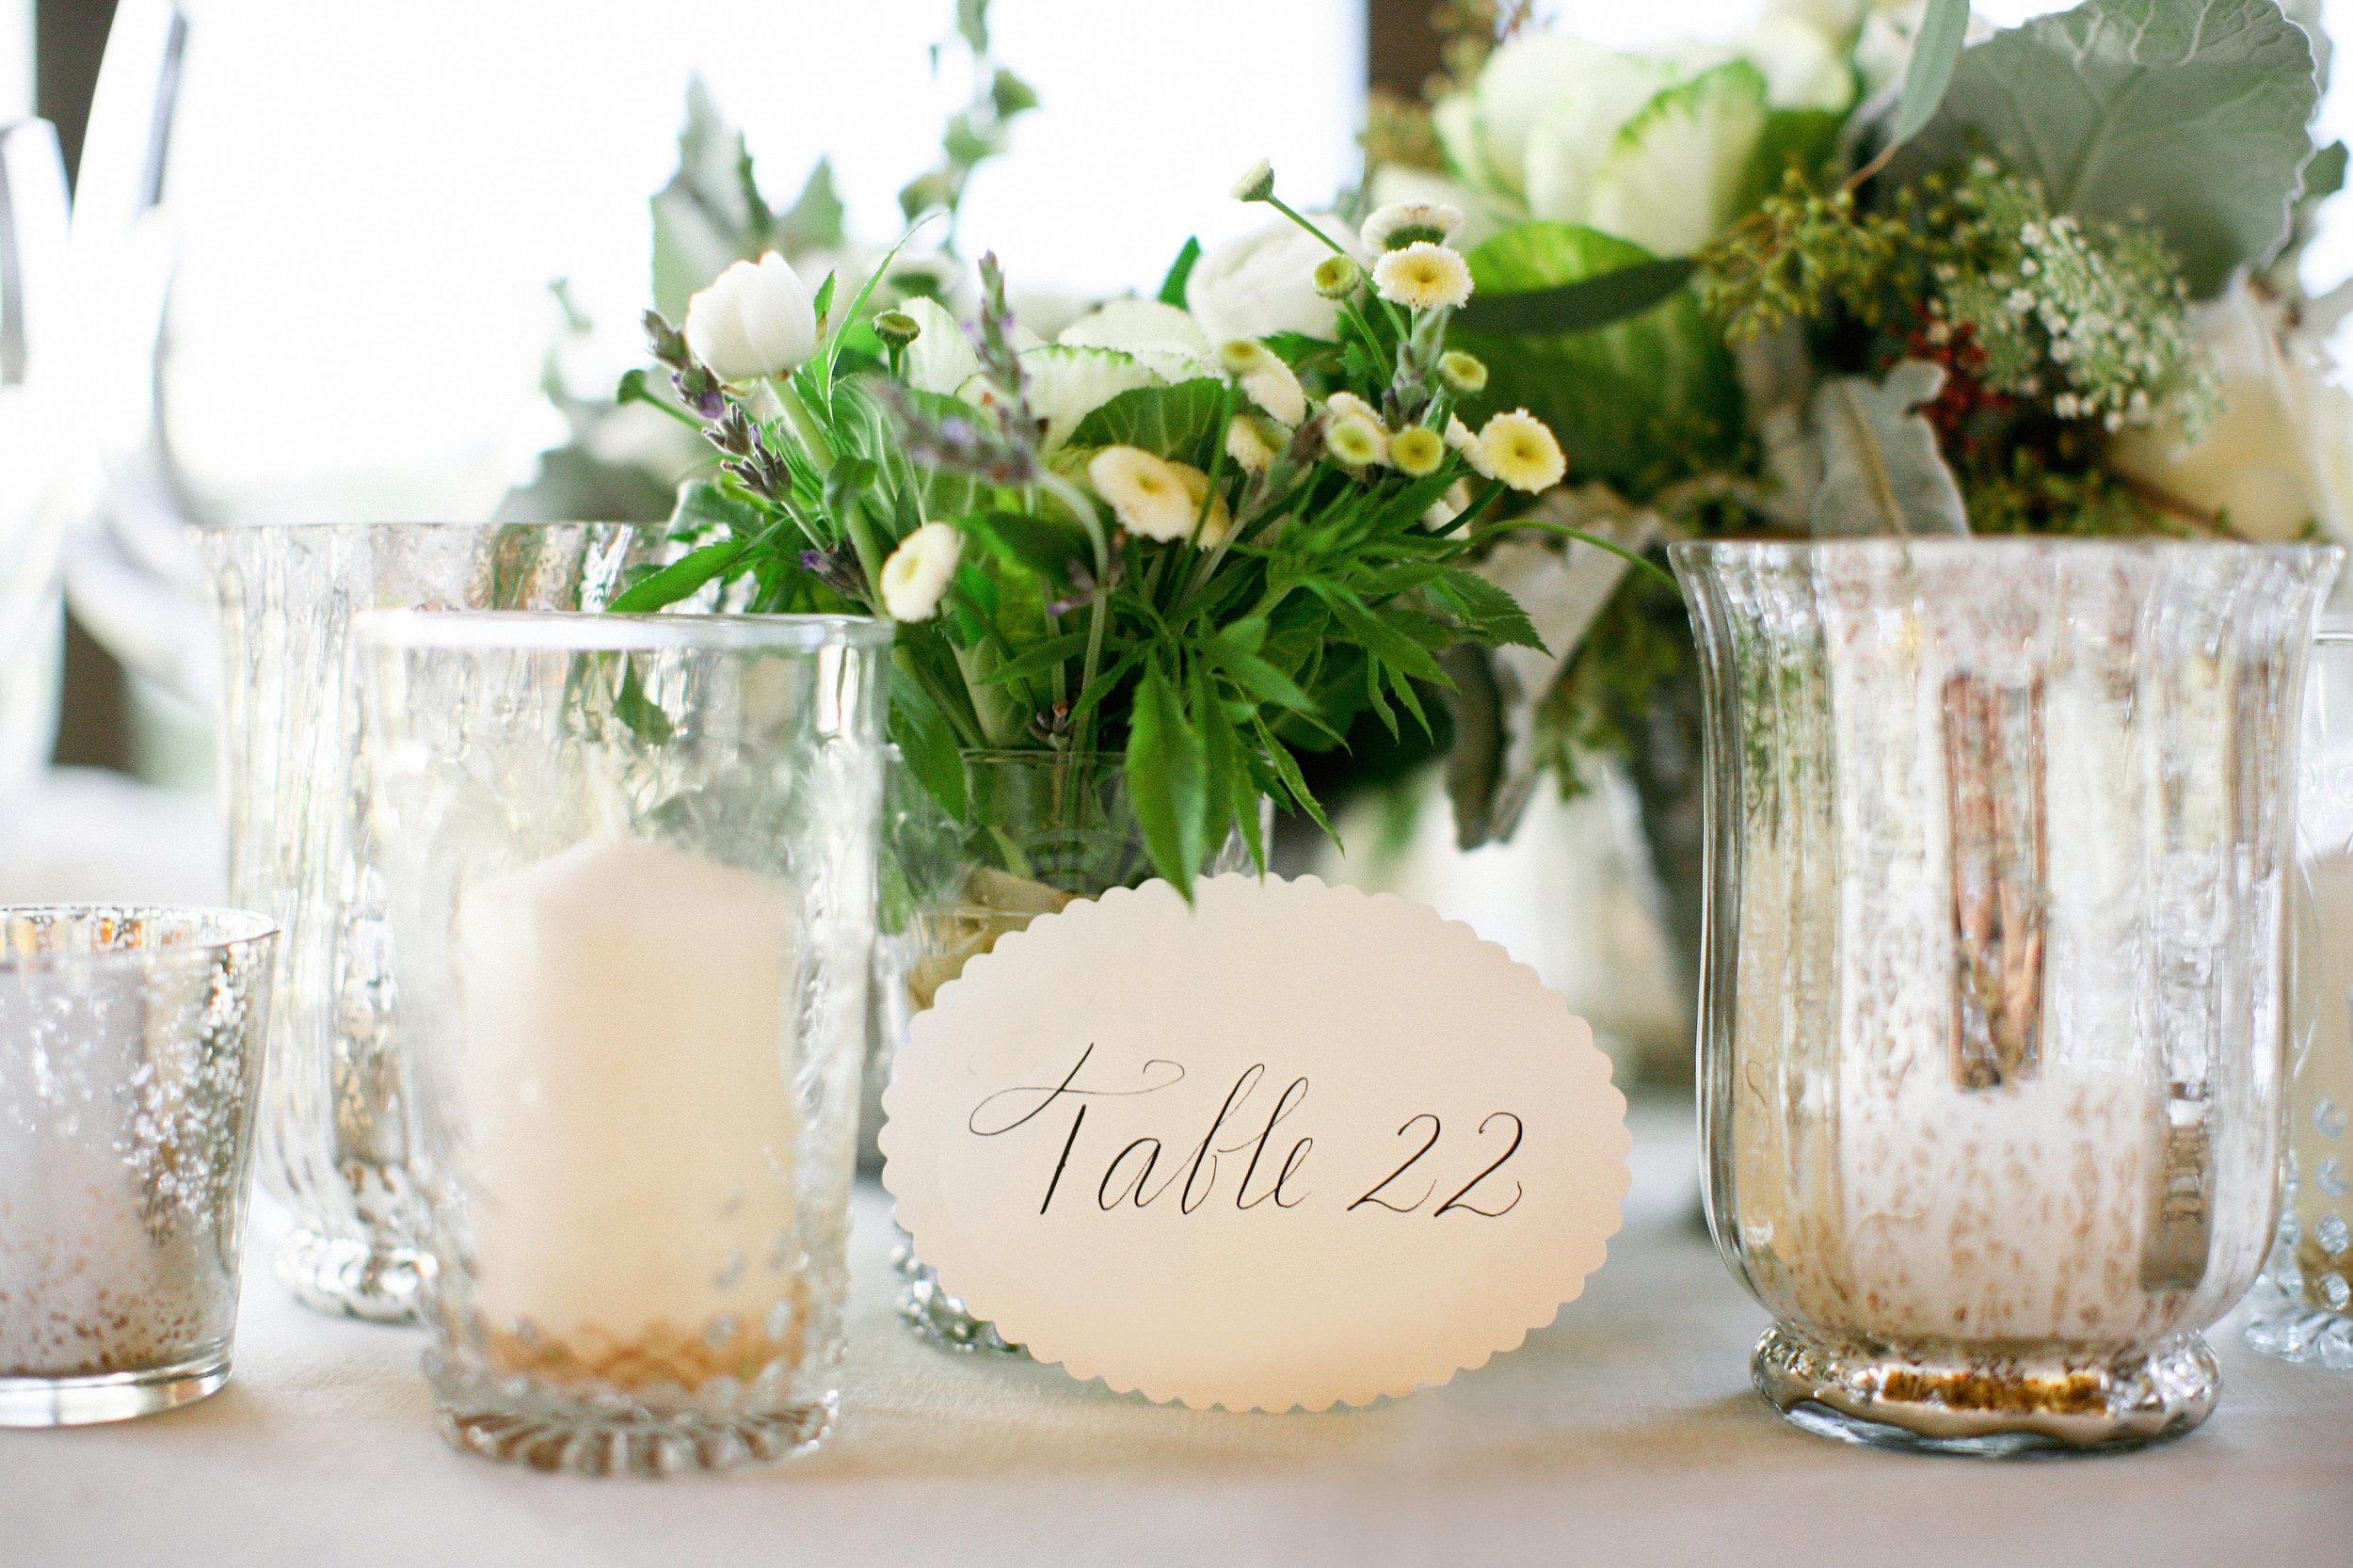 Carma's Wedding for Annette-0112.jpg